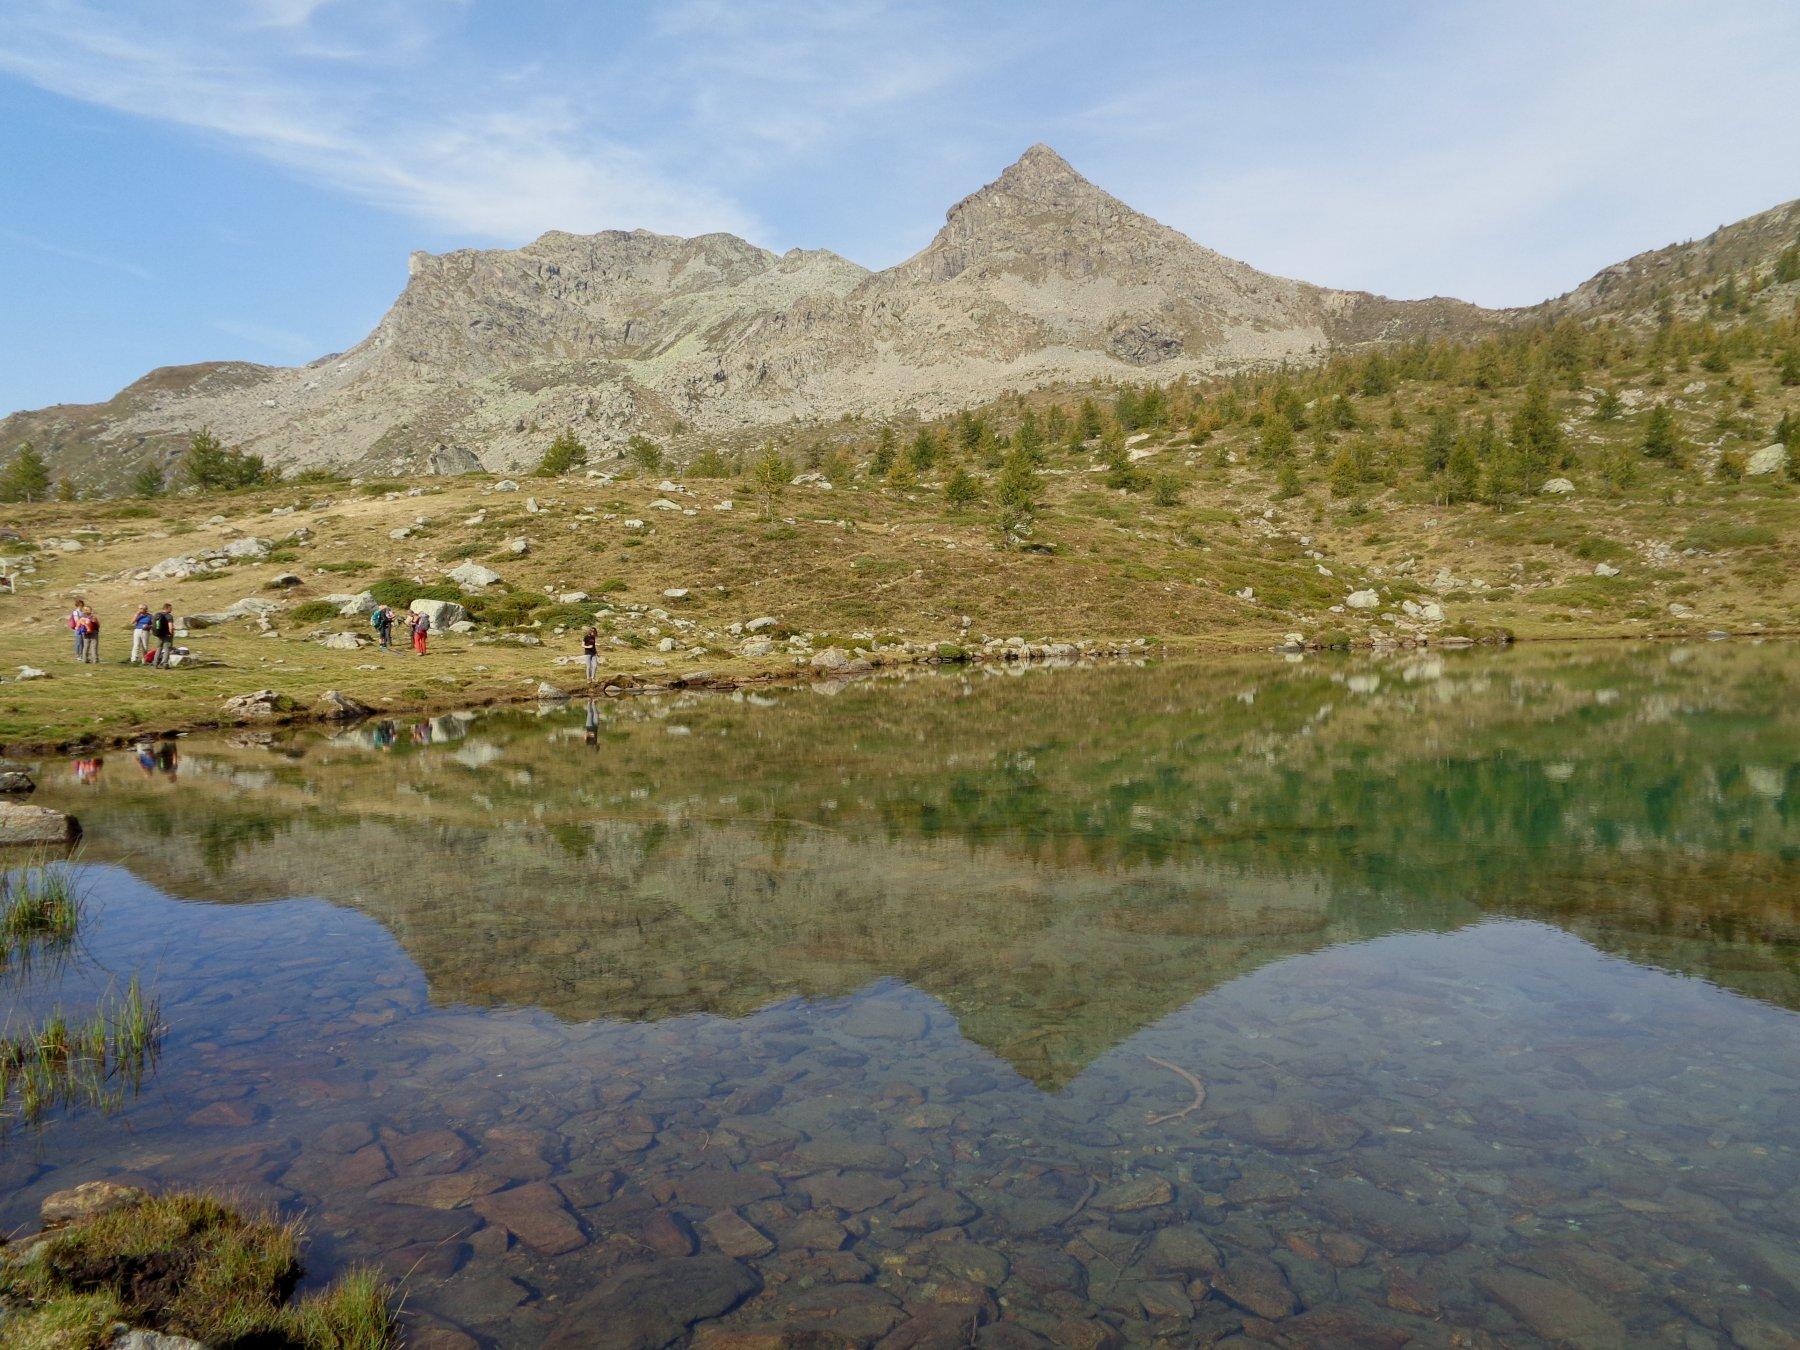 Tete de l'Hommes rispecchiata nel Lago Muffe'